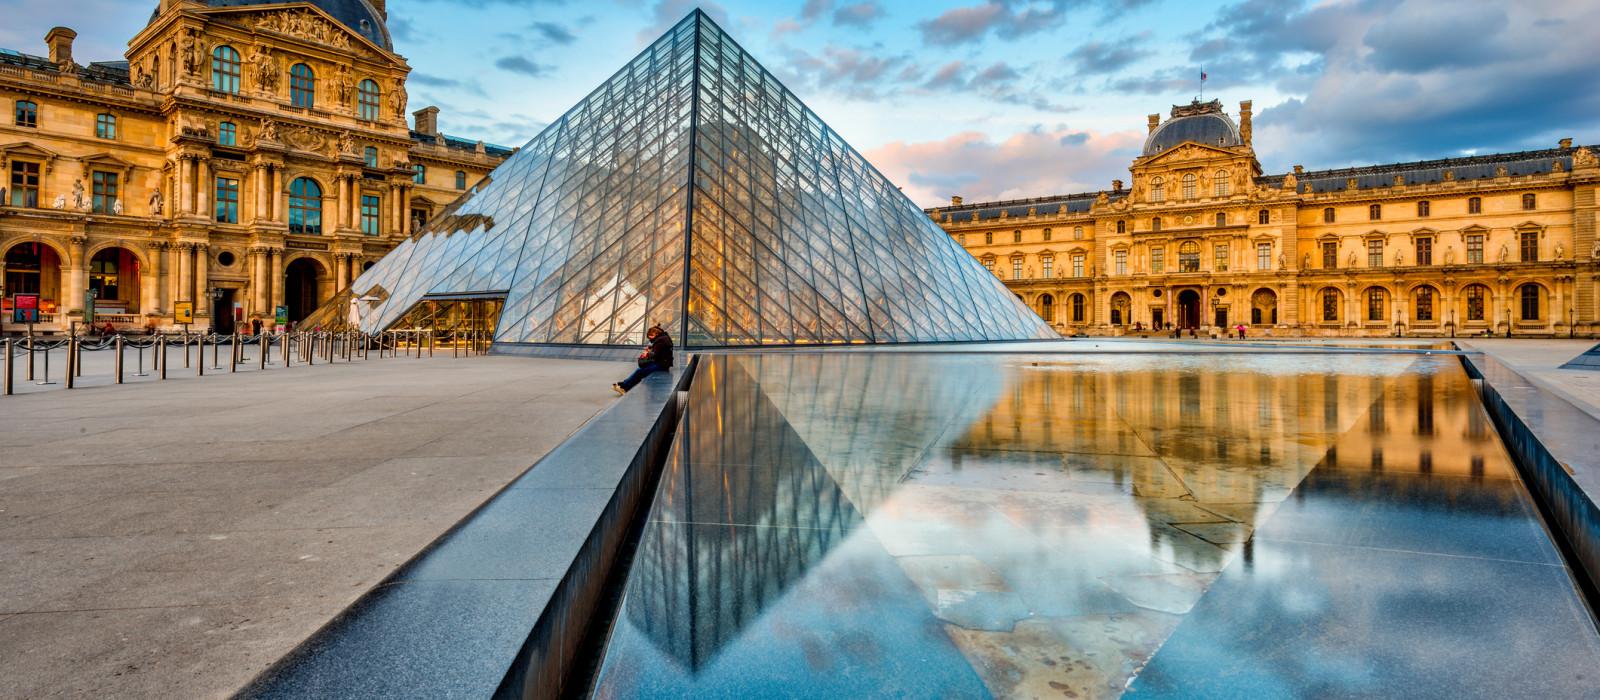 Les Journées du Patrimoine 2016 : quand les monuments européens ouvrent leurs portes